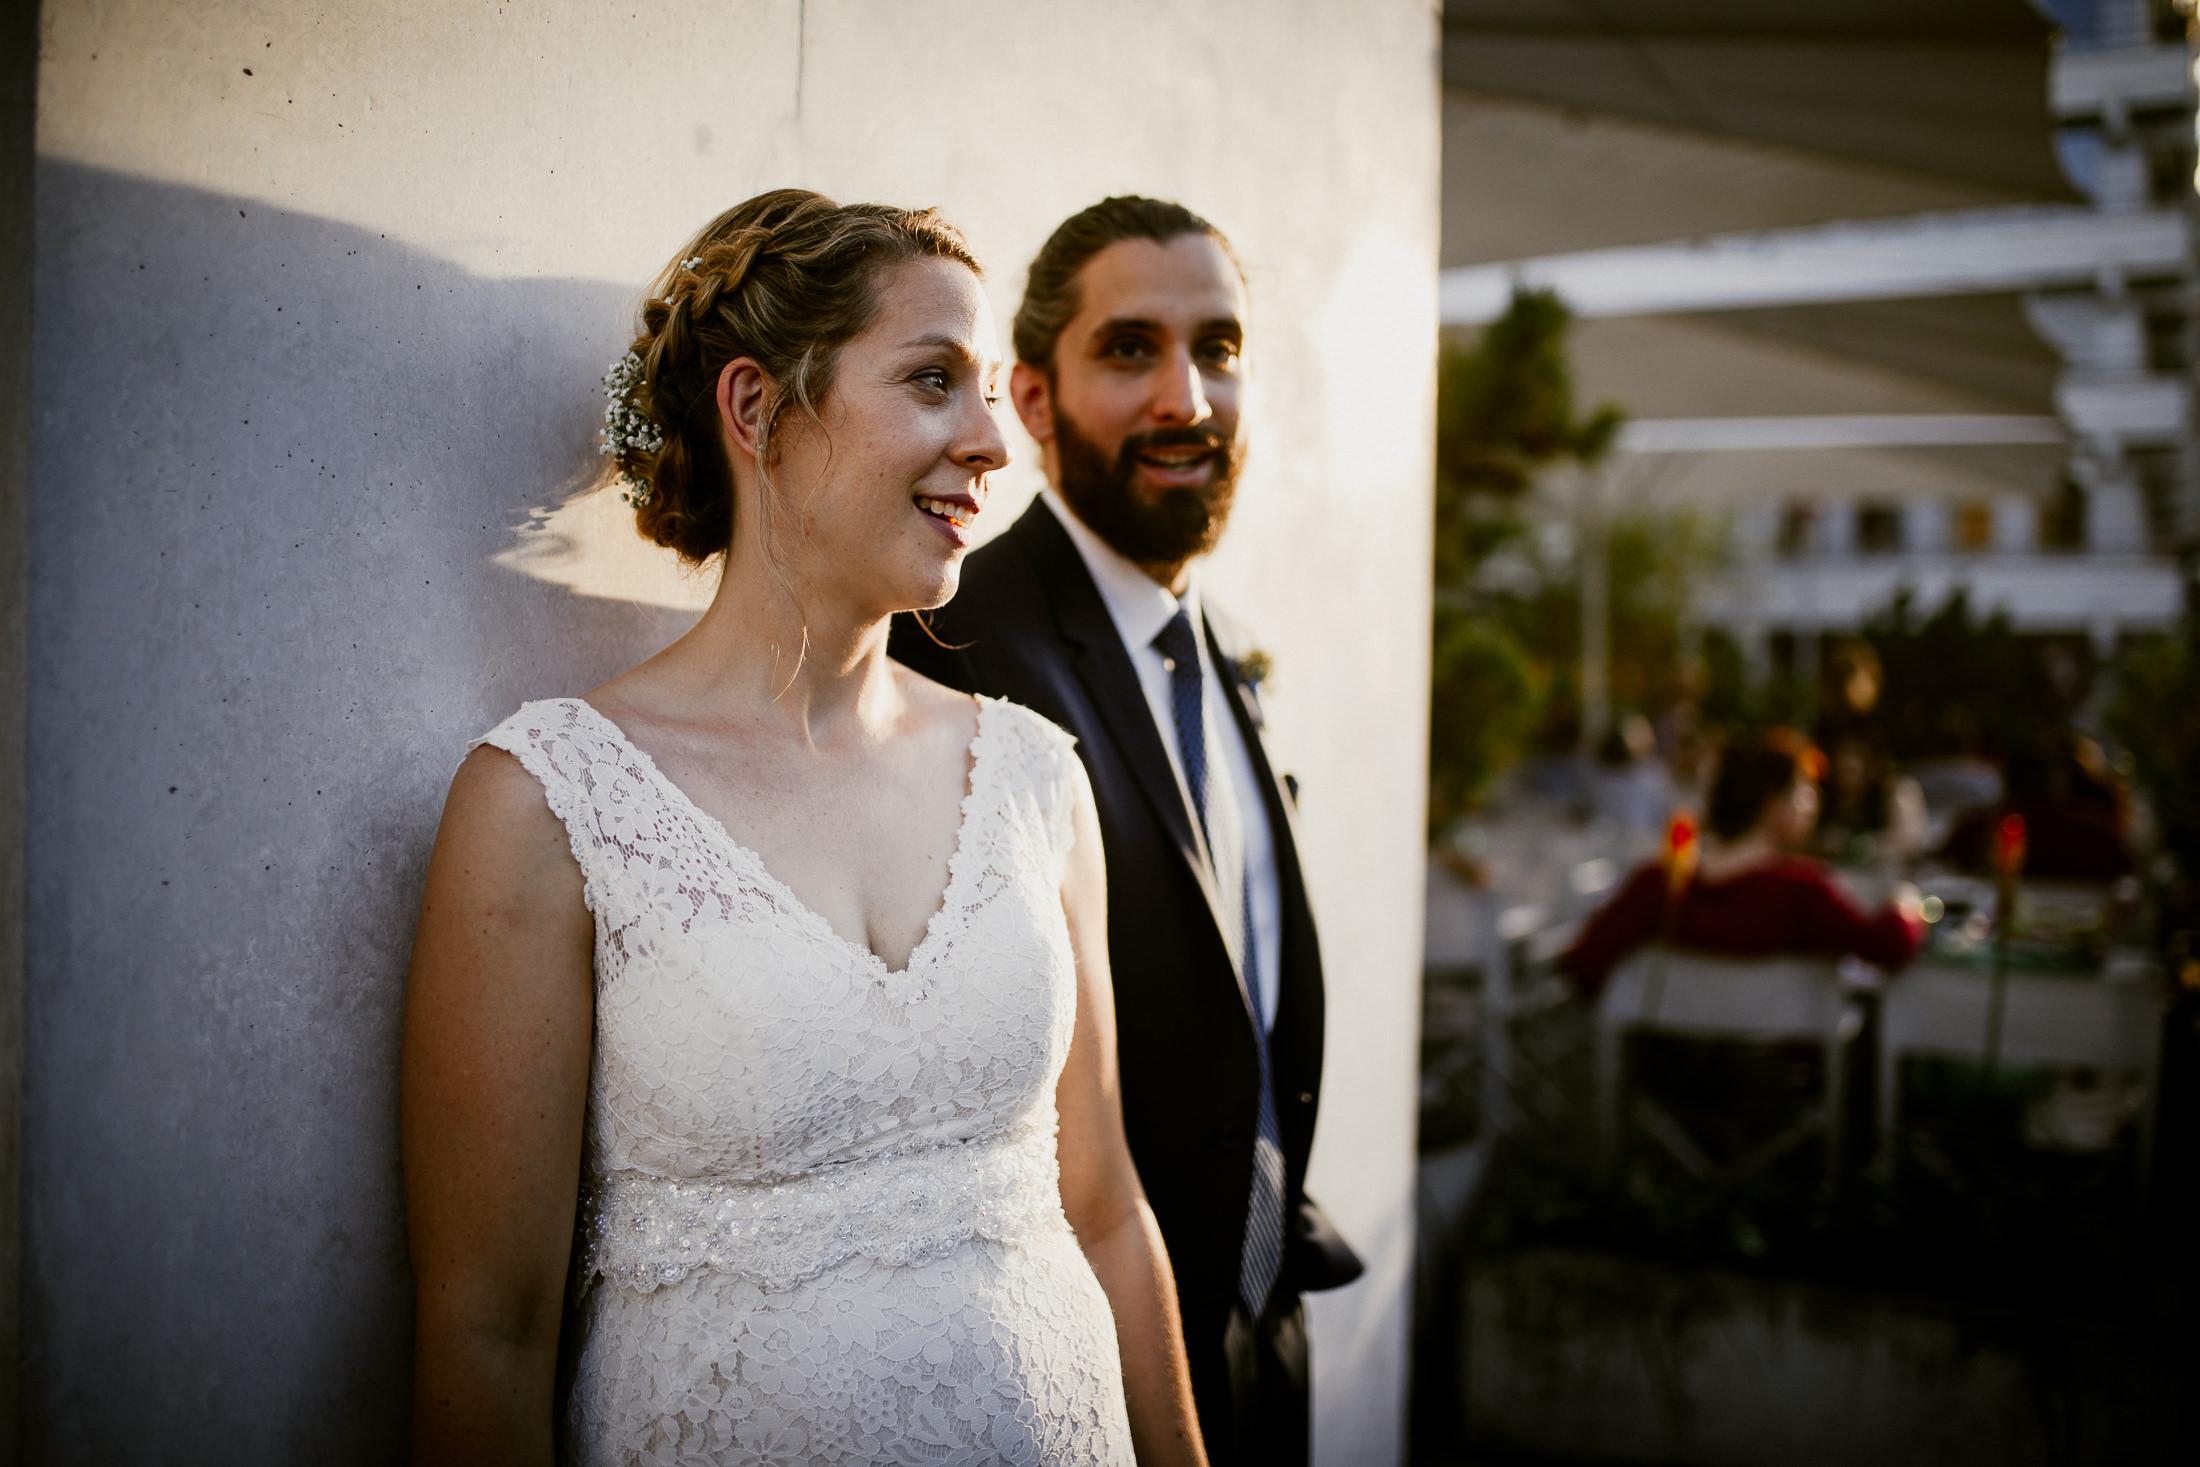 Jessi-Niko-Hochzeit-Nuernberg-city-urban-Bildervomleben-7J0A4792